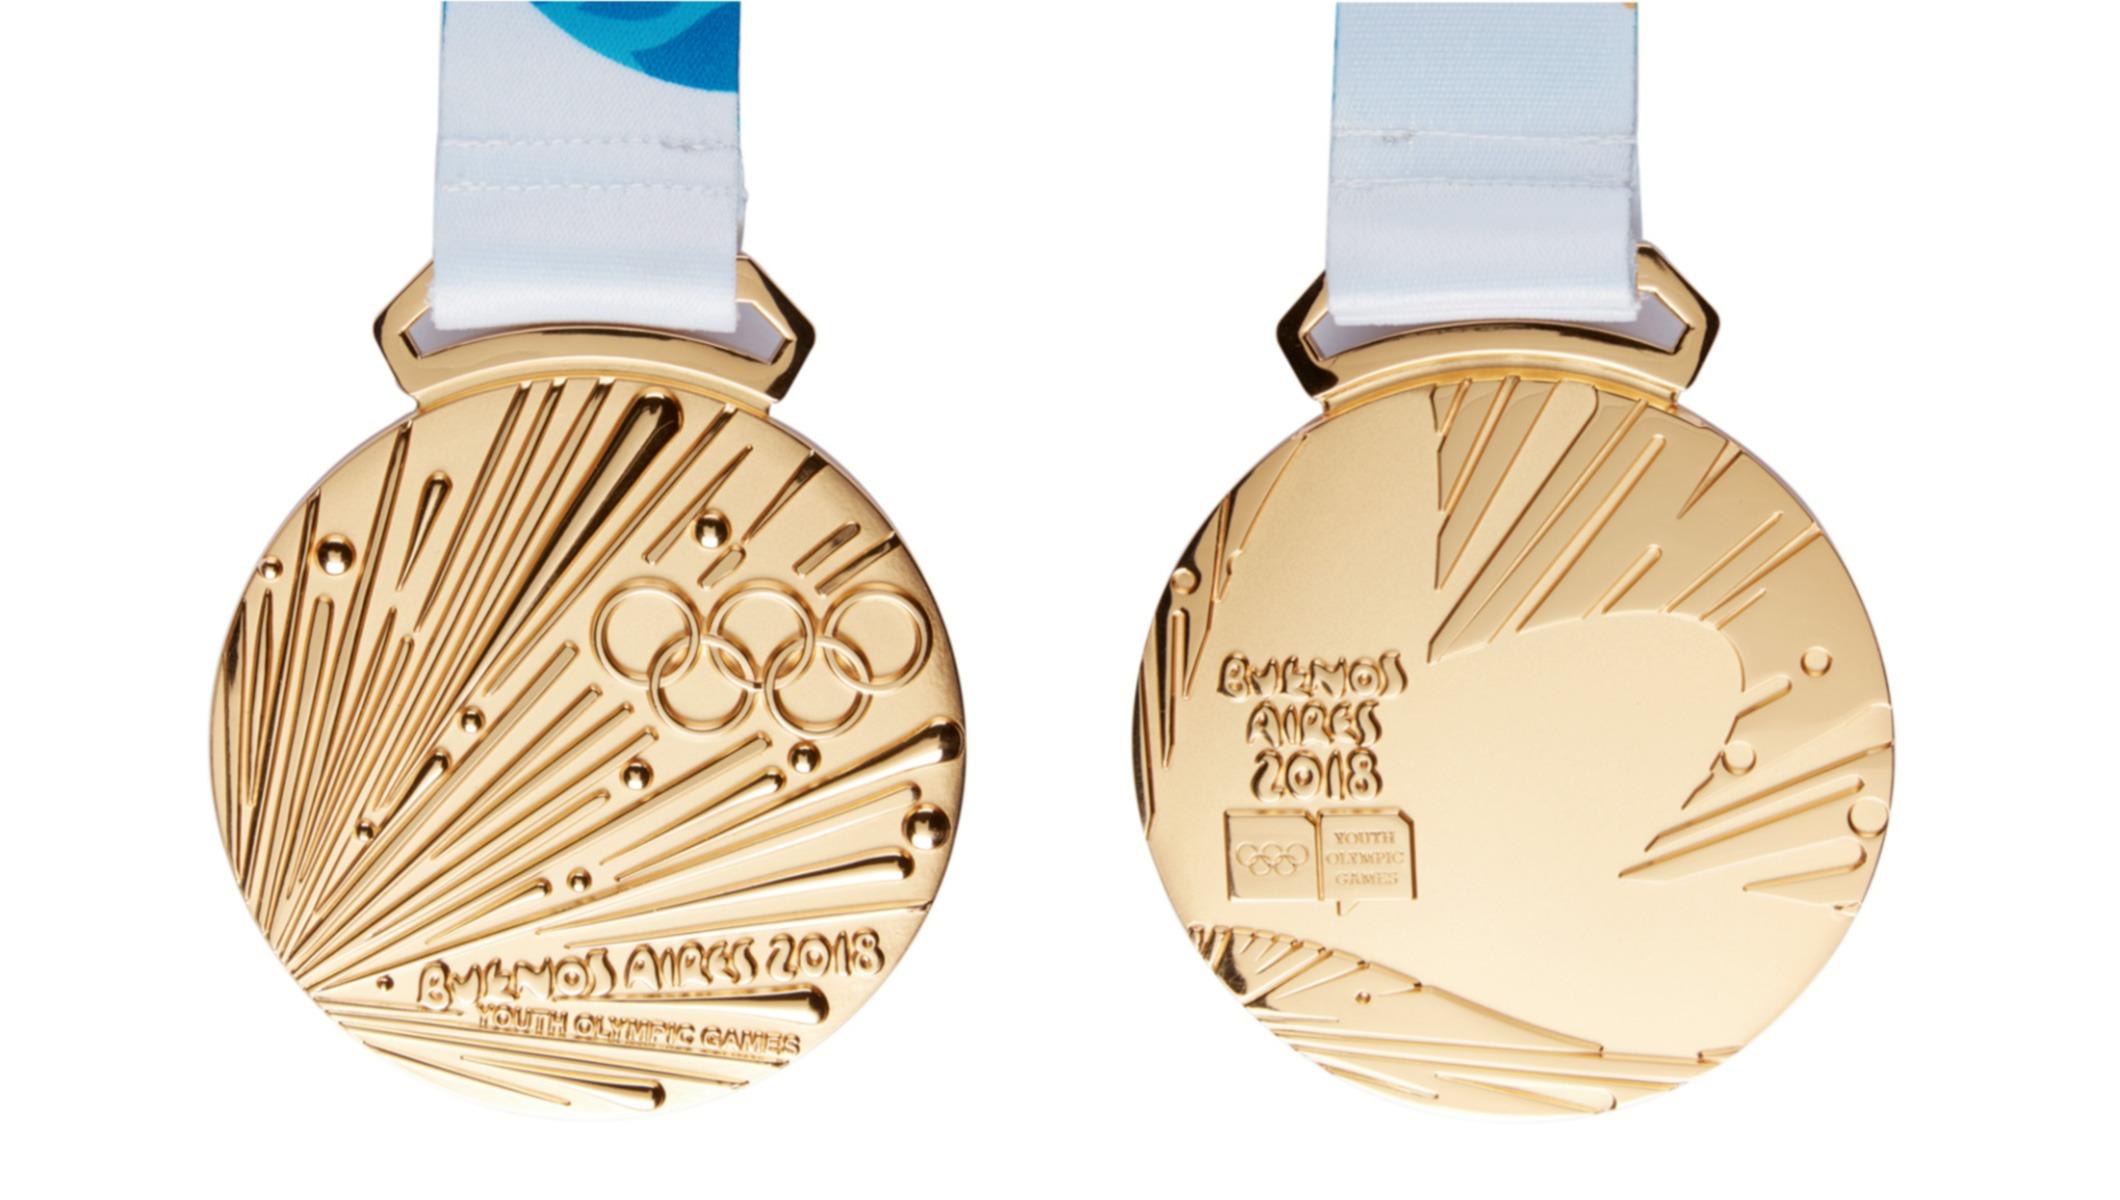 Medalhas de Buenos Aires 2018. Lausanne 2020